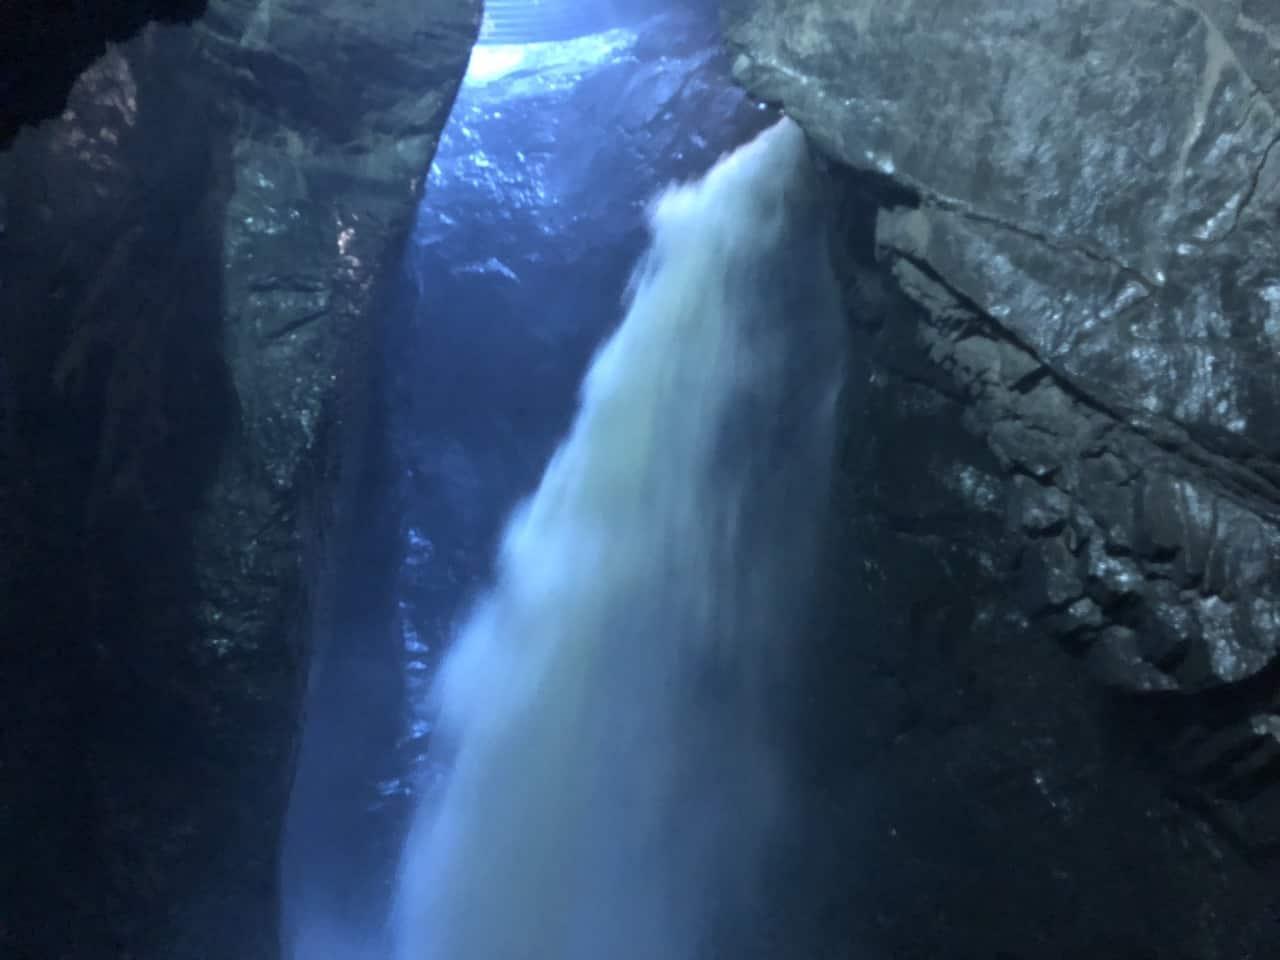 Trummelbach Falls Water